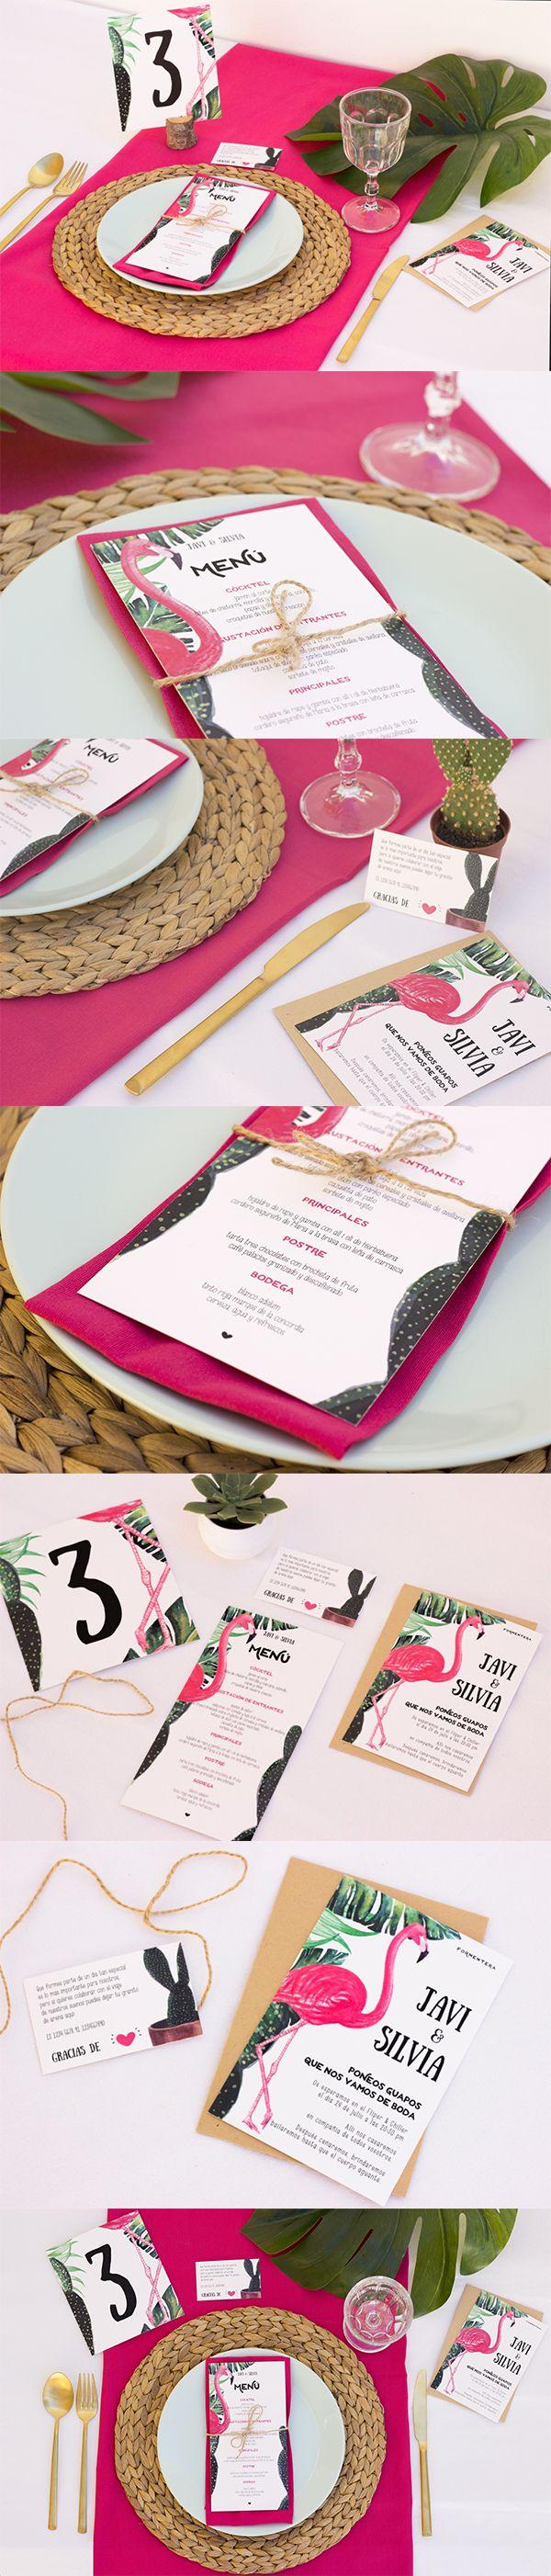 Invitaciones de boda que harán vuestro día inolvidable. Nuestros artículos en www.bienbonico.com #invitacionesboda #invitacionesdeboda #bodasconencanto #papeleriadeboda #decoraciondebodas #organizaciondebodas #organizadorabodas #wedding #weddingplaner #bodasespaña #novia #novias #bodasbonitas #novias2018 #lgtb #fashi #bodasconencanto #bride #bodasdiferentes #decoraciondeeventos #weddinginvitation #love #savethedate #mesaboda #mesasboda #bodaideas #decoracionbodas #bodasconestilo #bodascampo